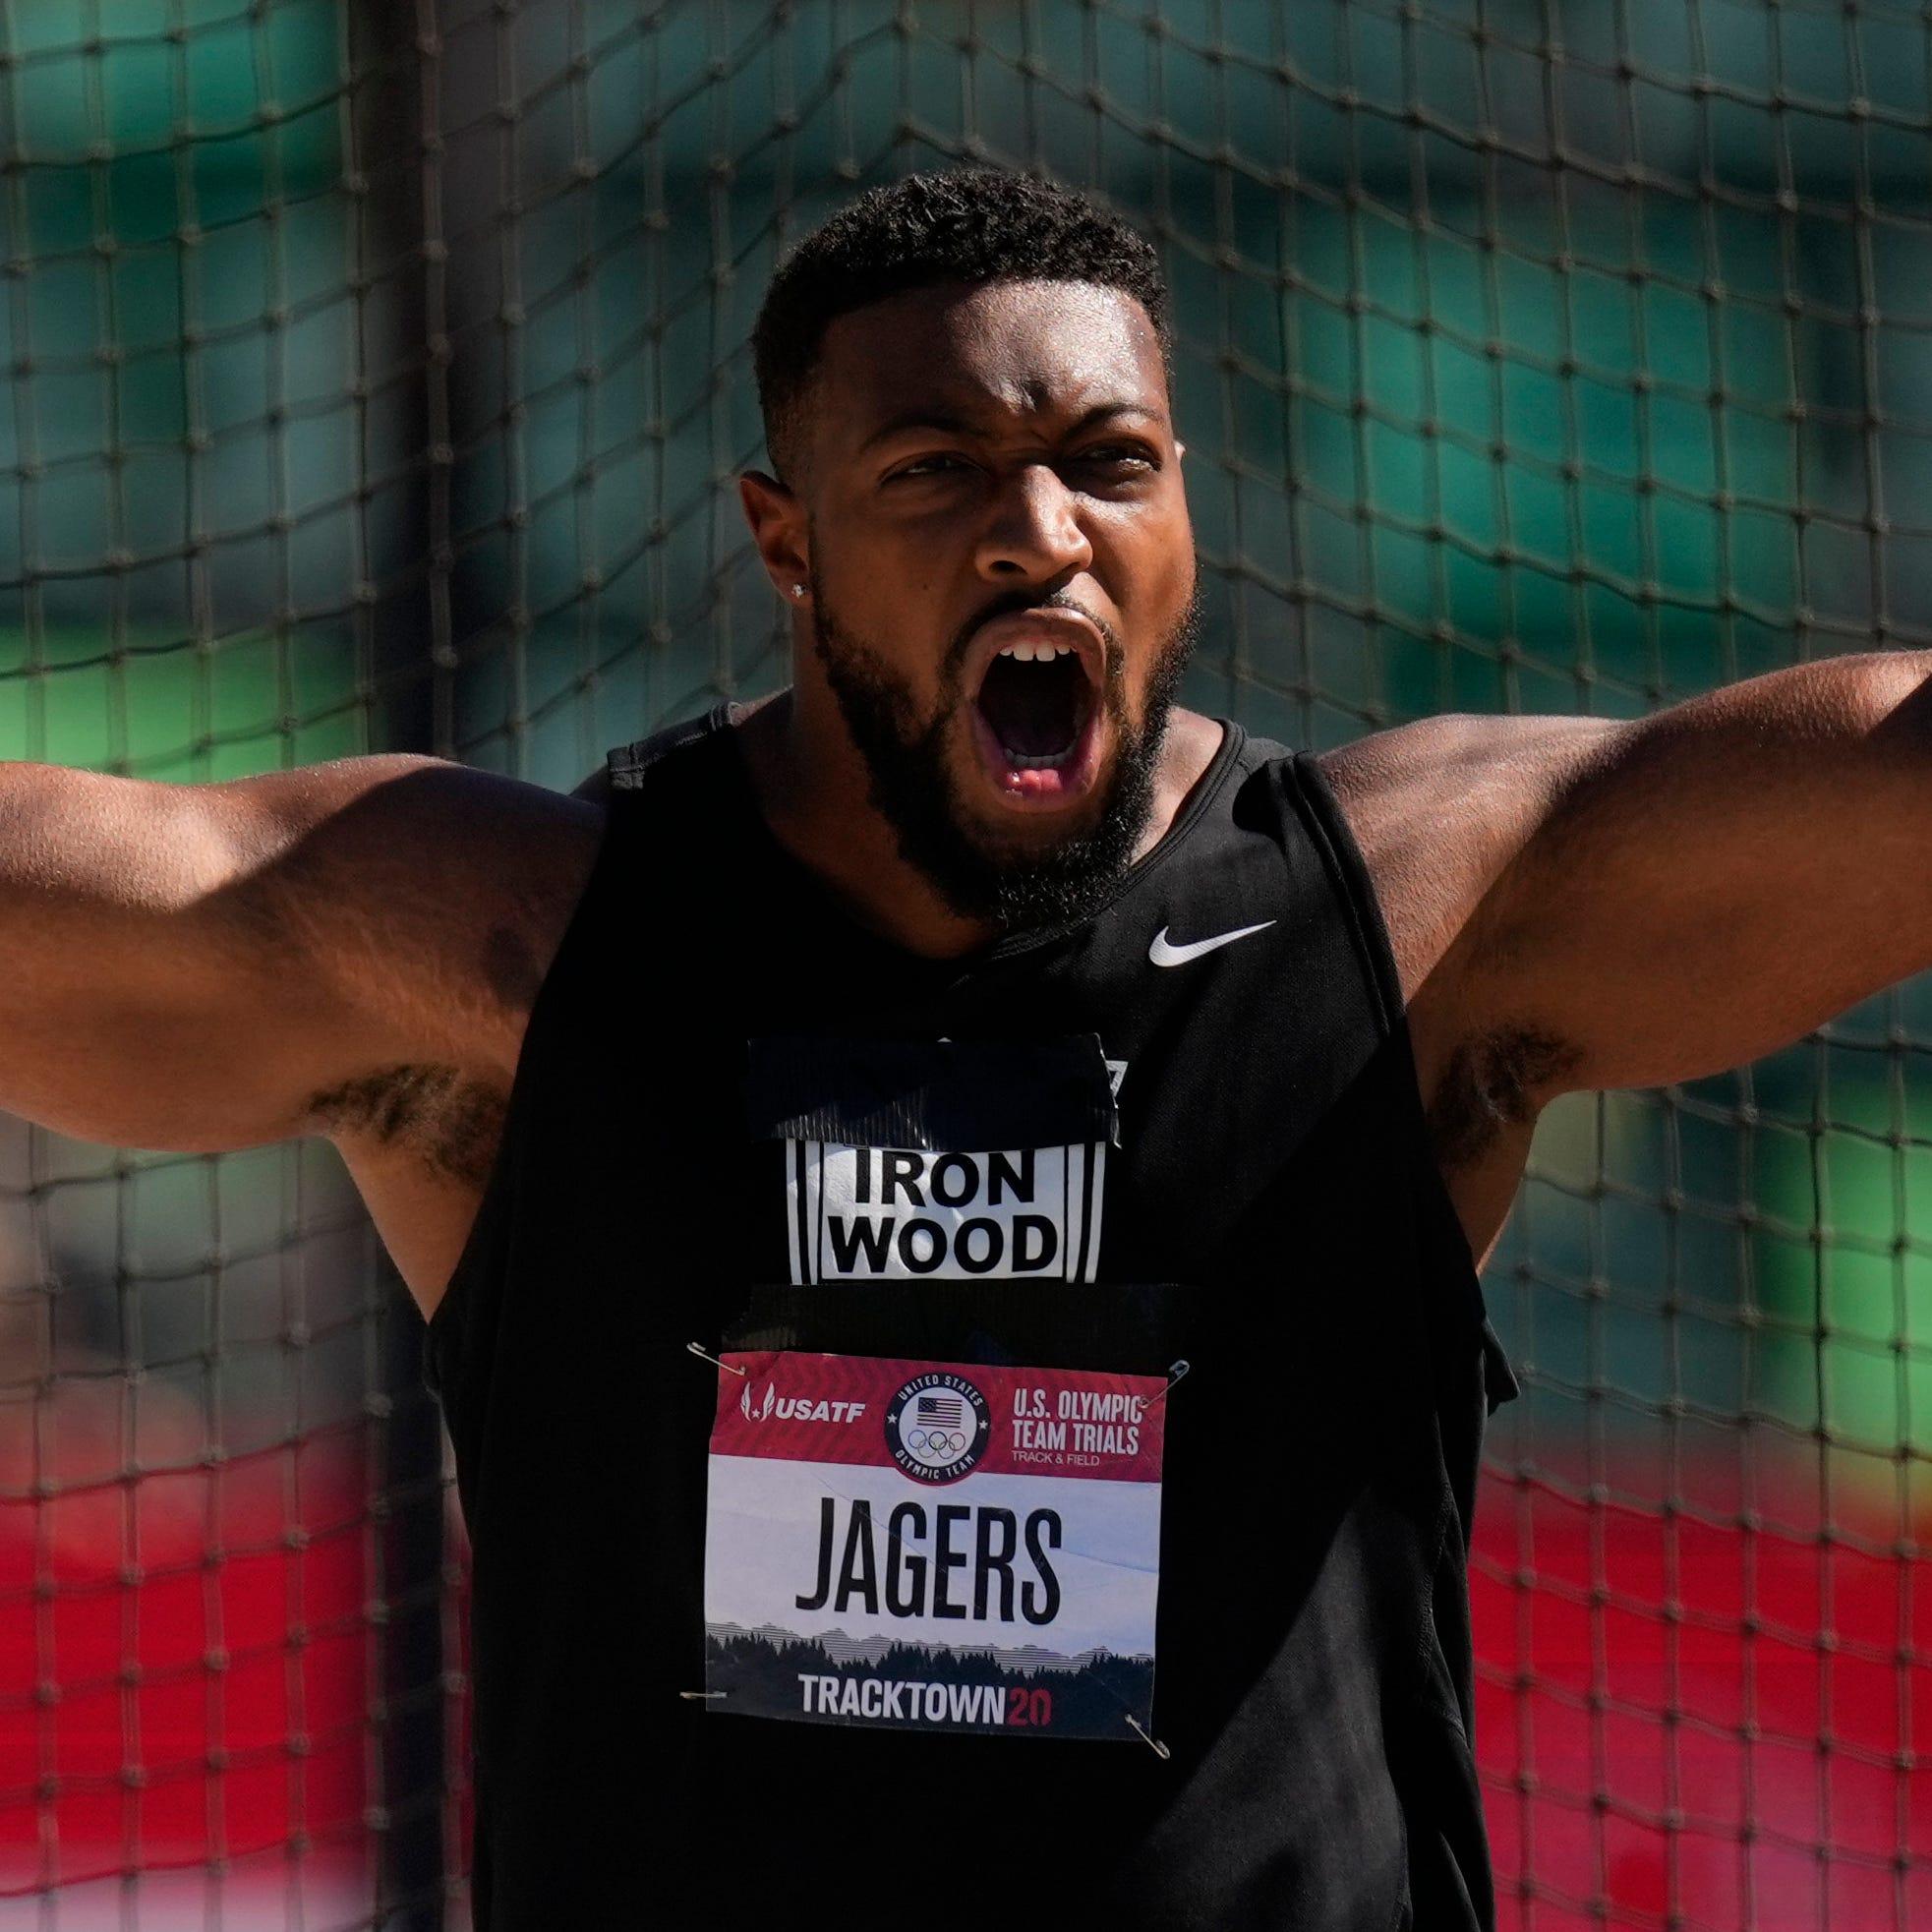 Reggie Jagers III